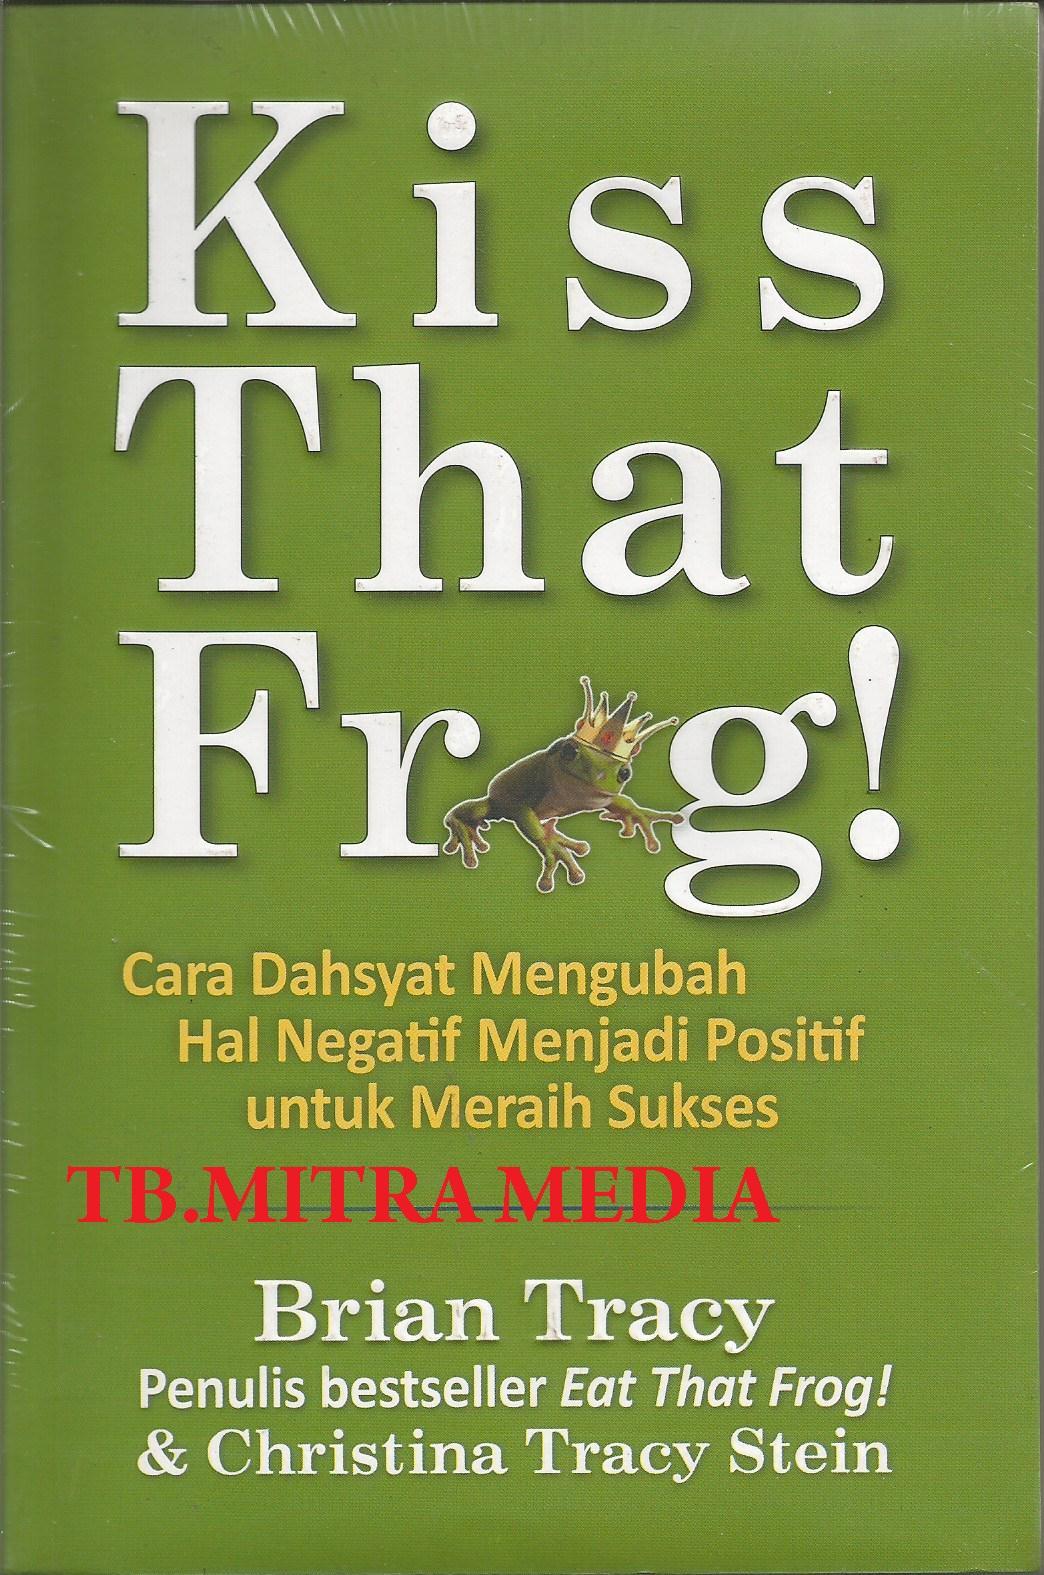 Fullsize Of Kiss That Frog